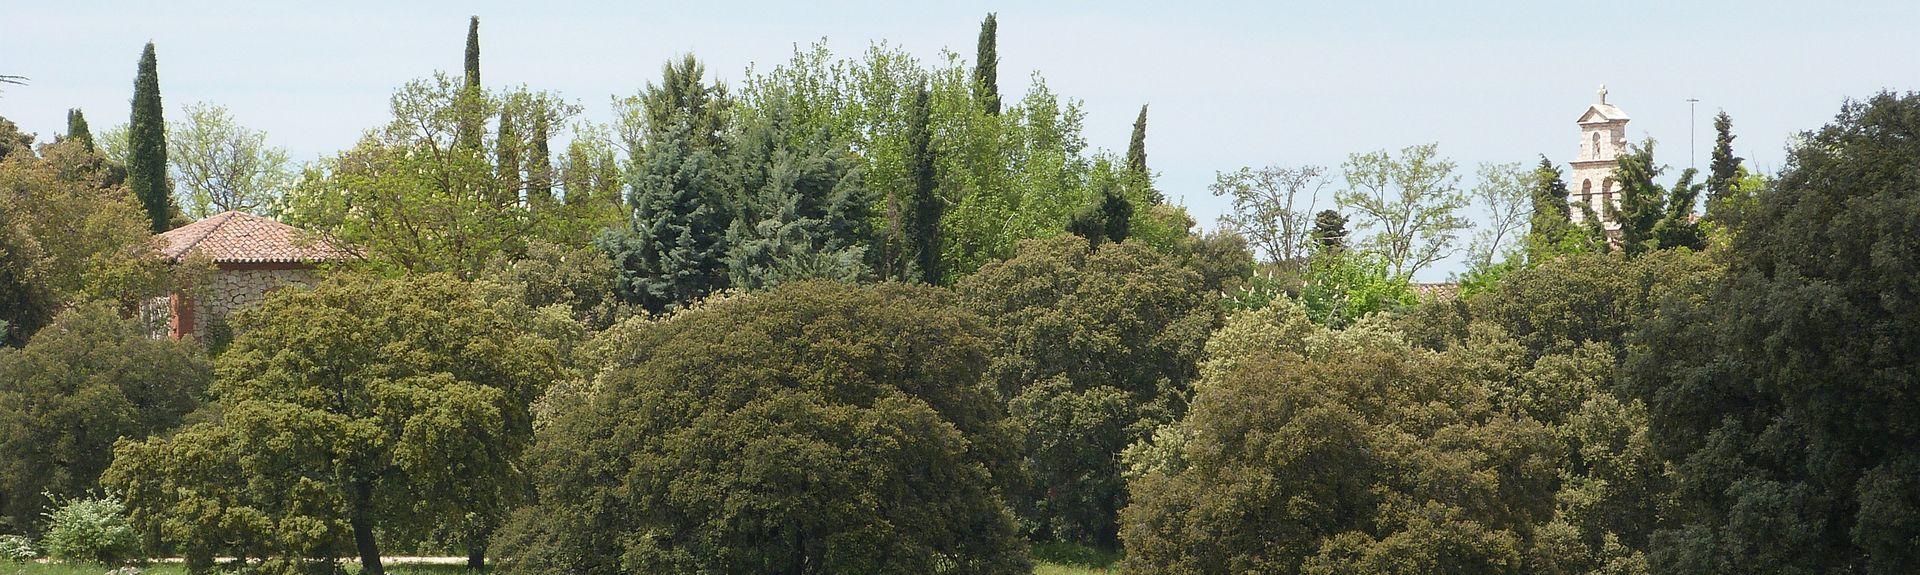 Loranca de Taju単a, Castille-La Manche, Espagne